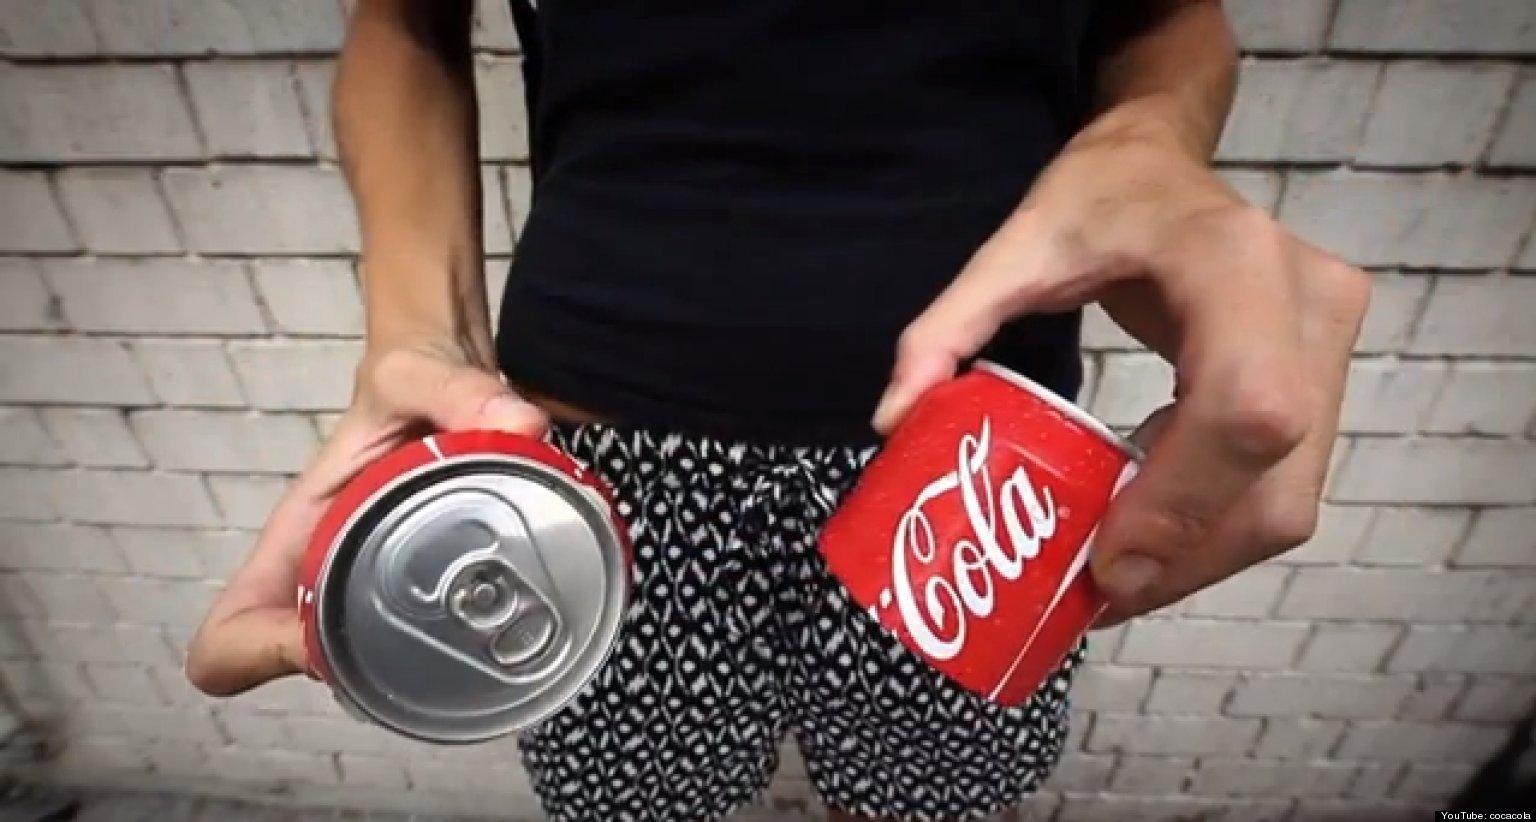 coca cola entering the indian market essay